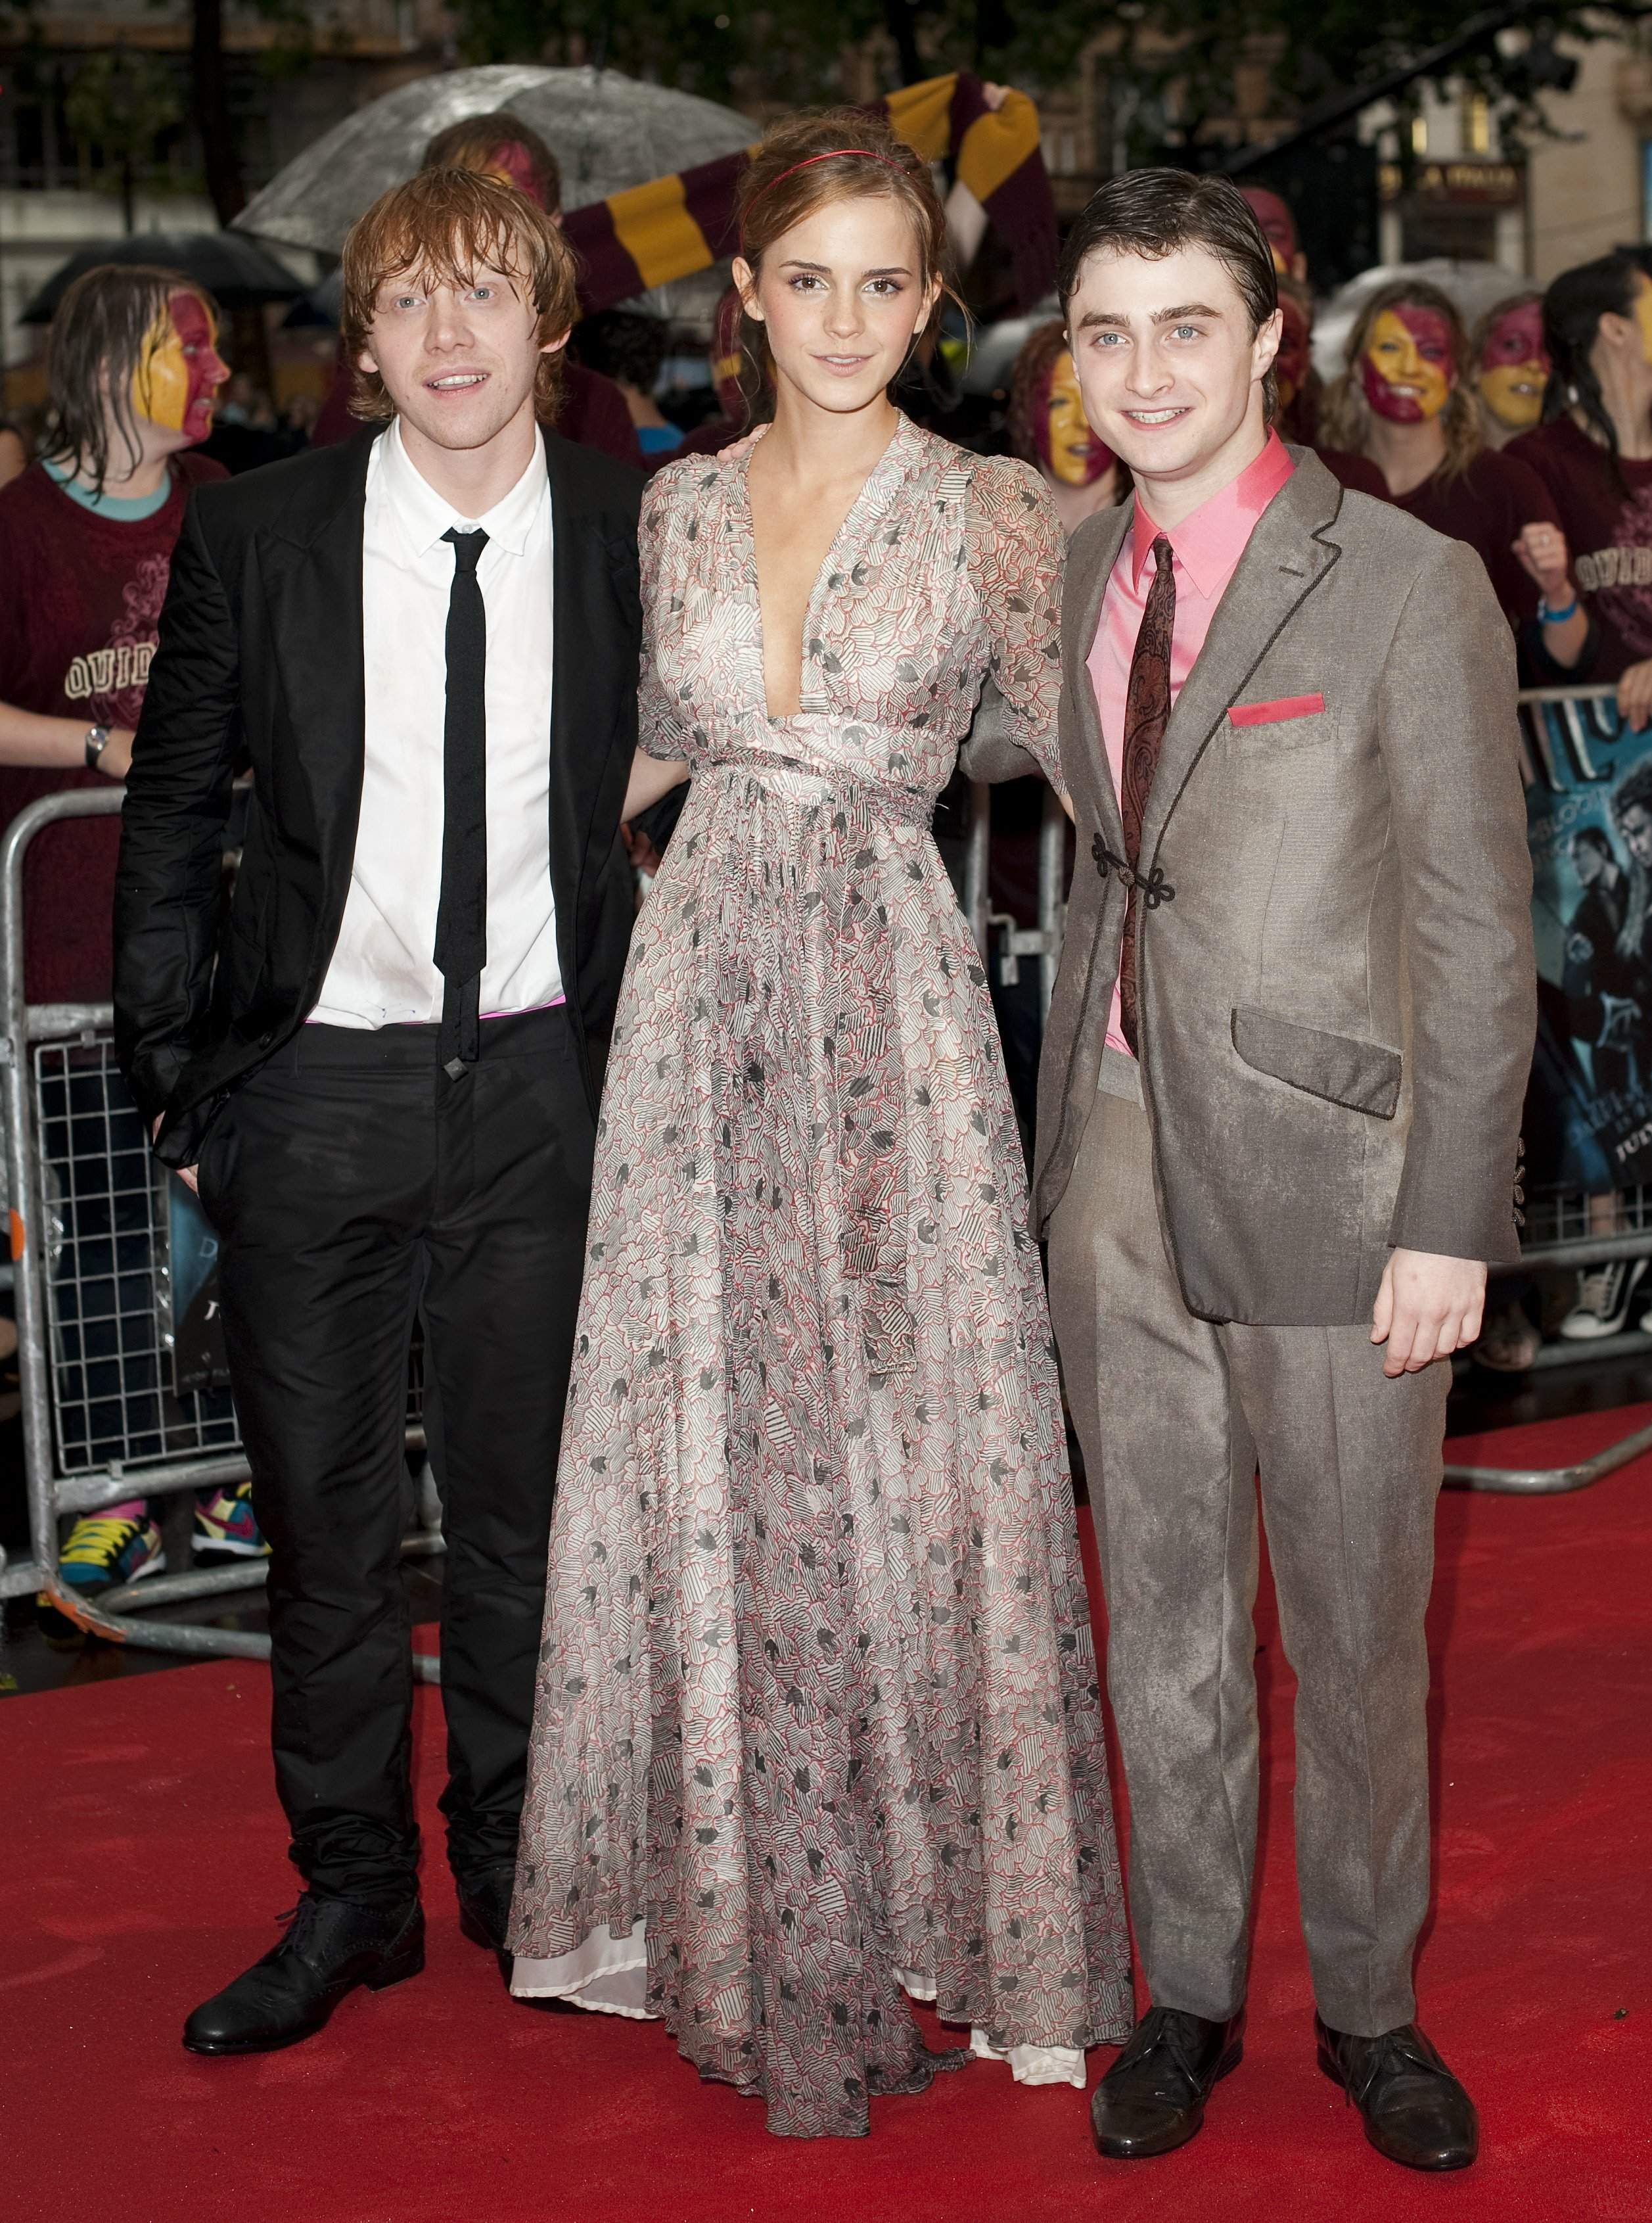 50793_Emma_Watson_HPaTHBP_premiere_in_London04048_122_118lo.jpg